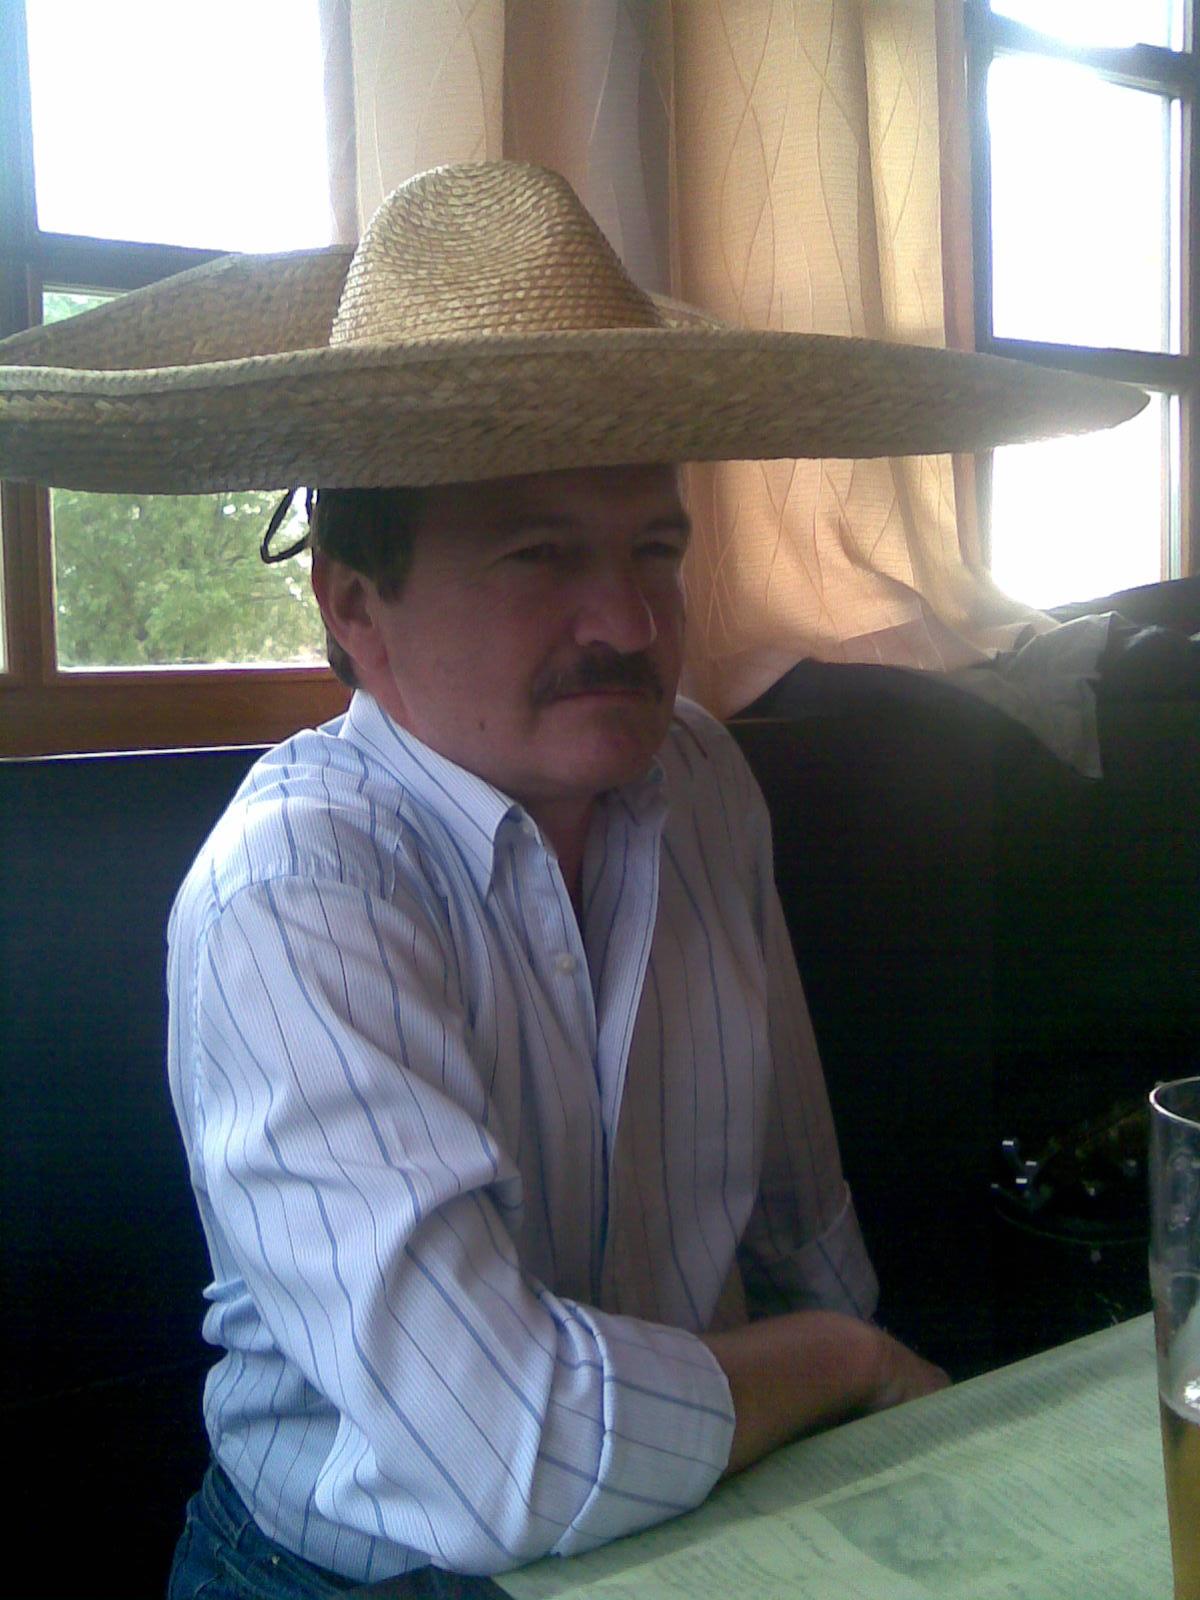 Náš stálý zapisovalet J. Butch ovlivněn Jihoamerickou kulturou. (Nebo tekilou?)